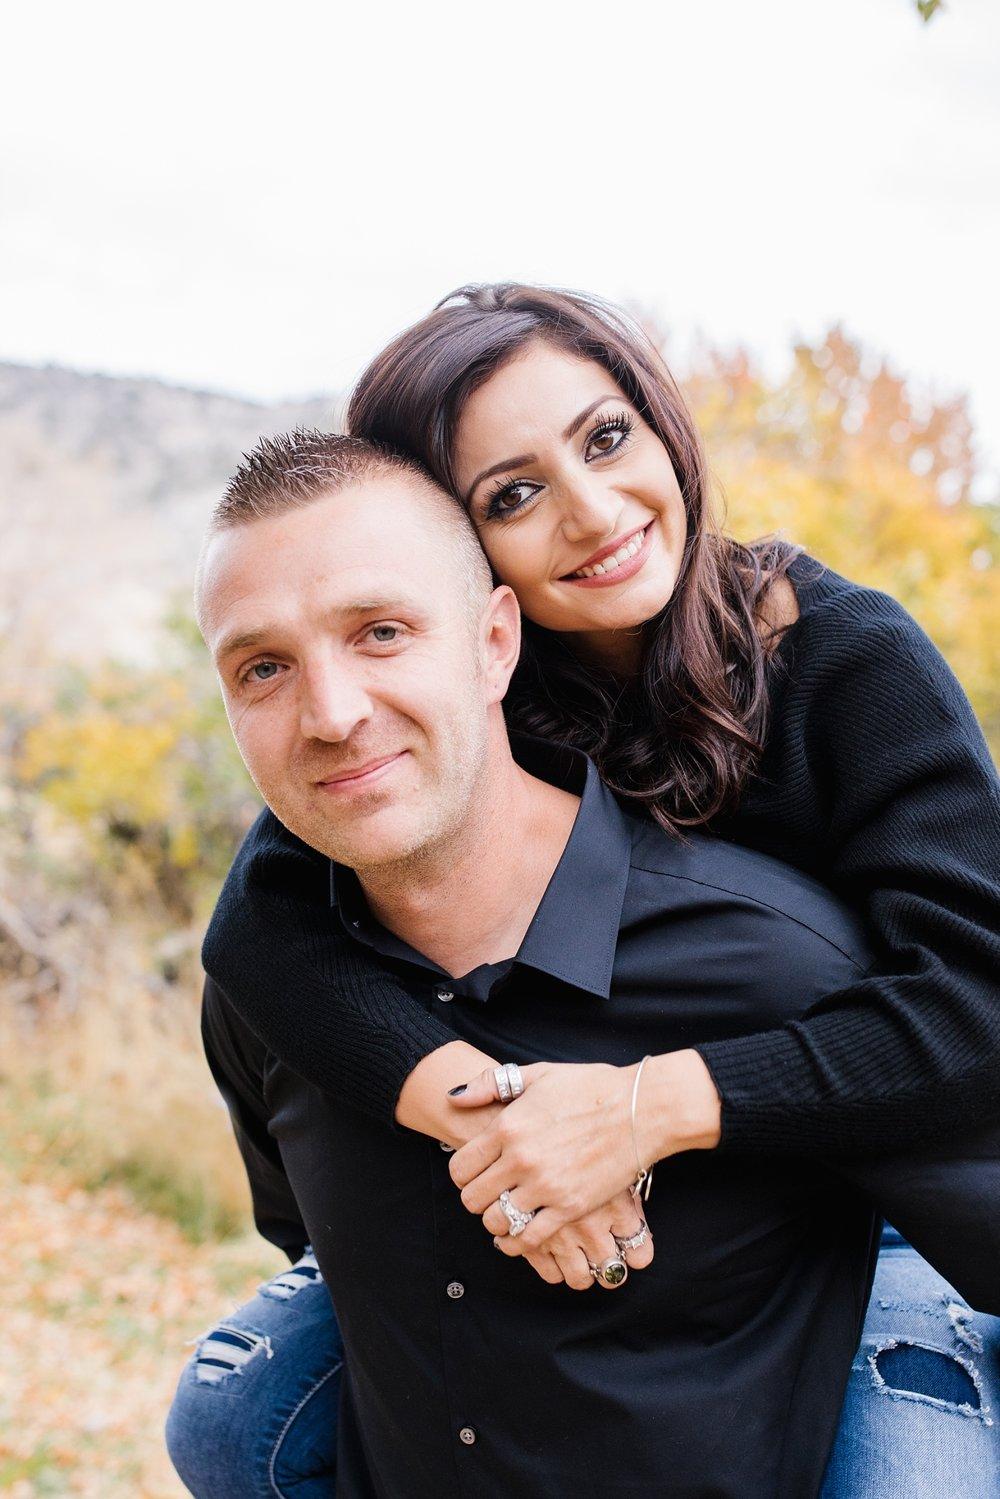 Tischner-37_Lizzie-B-Imagery-Utah-Family-Photographer-Park-City-Salt-Lake-City-Nephi-Utah.jpg